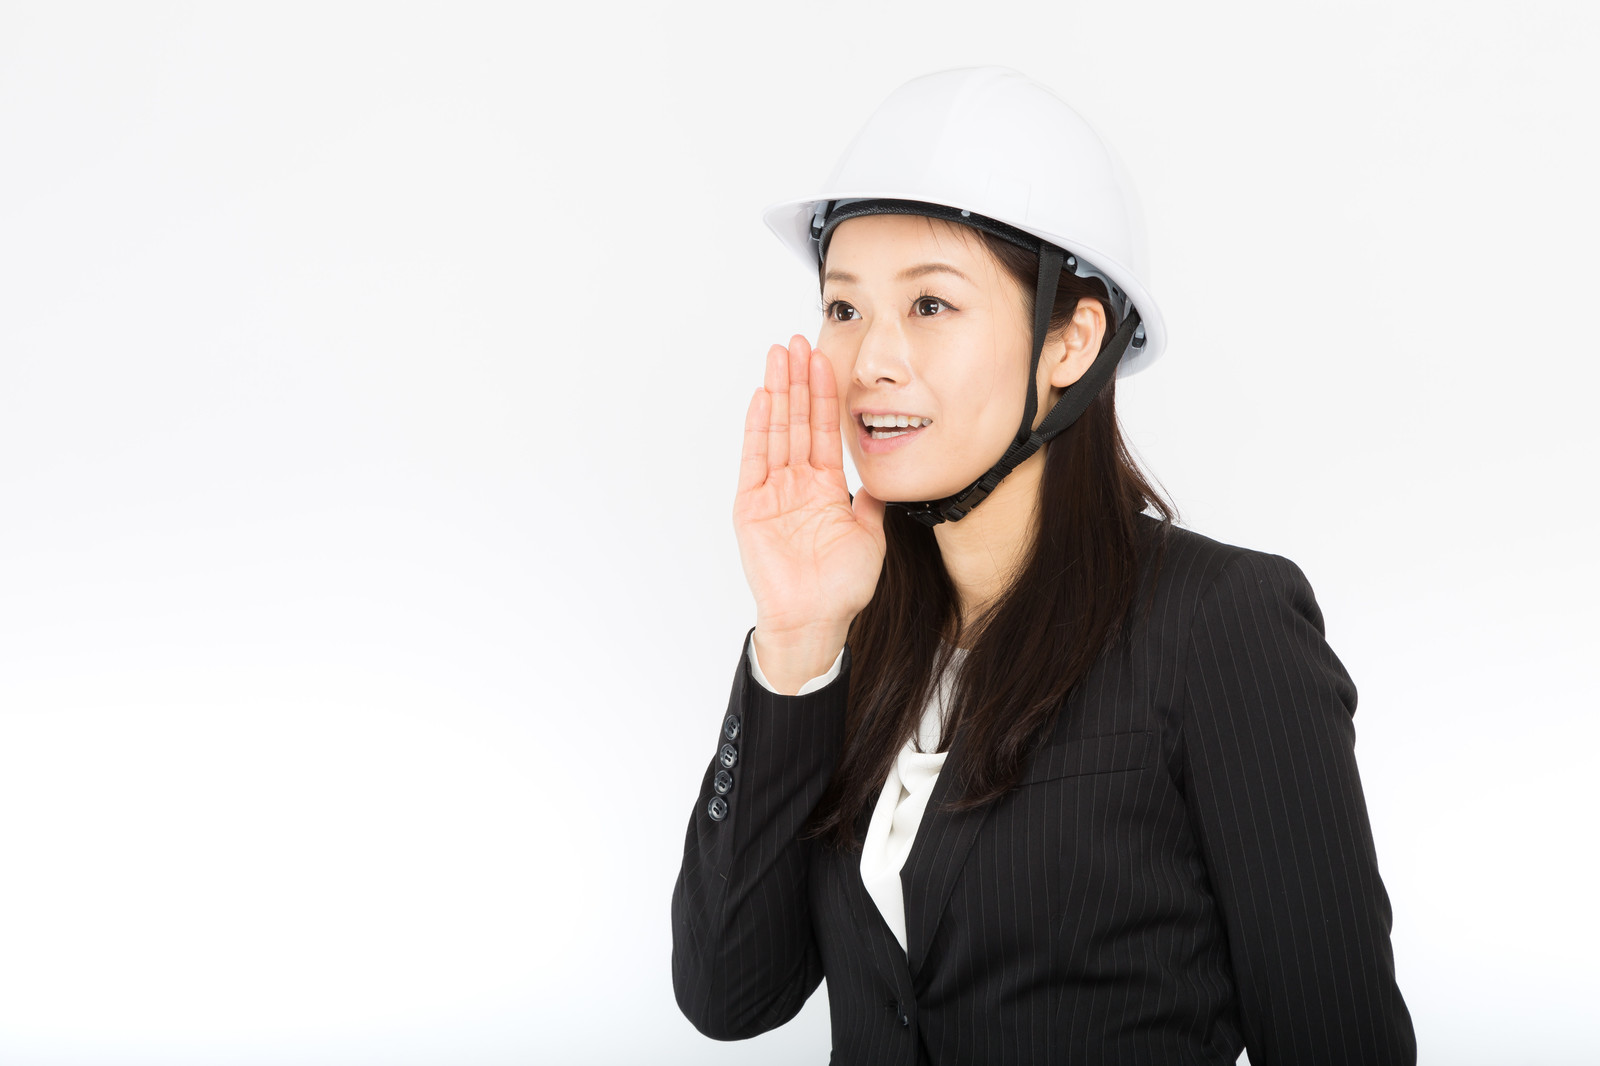 「ヘルメットをかぶって声をかける女性社員ヘルメットをかぶって声をかける女性社員」[モデル:土本寛子]のフリー写真素材を拡大